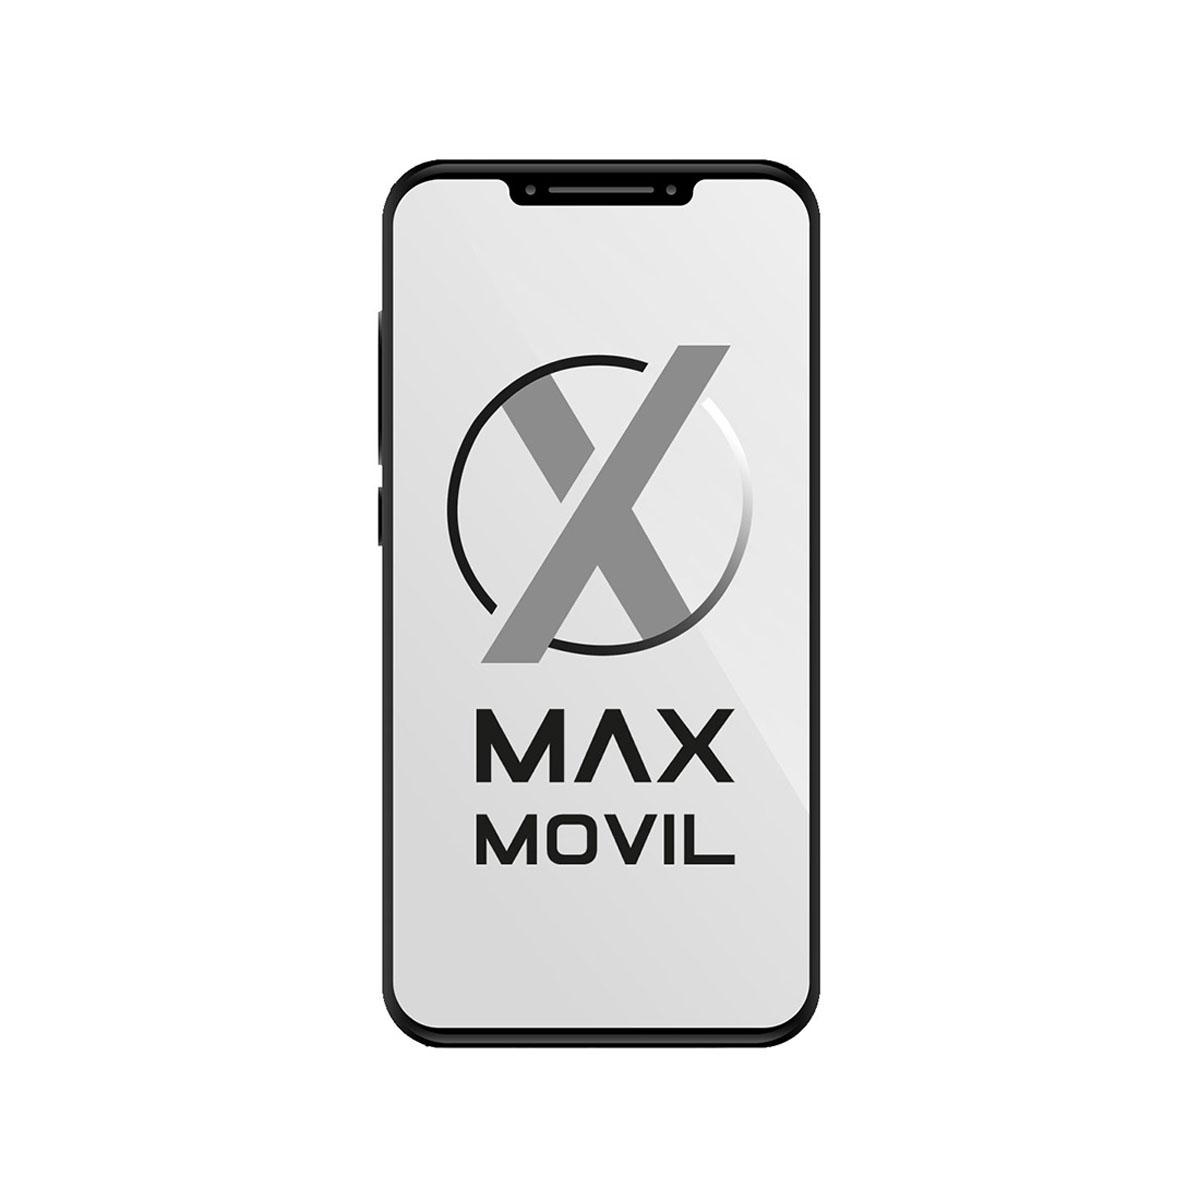 Apple iPhone 12 Pro Max 256GB Grafito (Graphite)